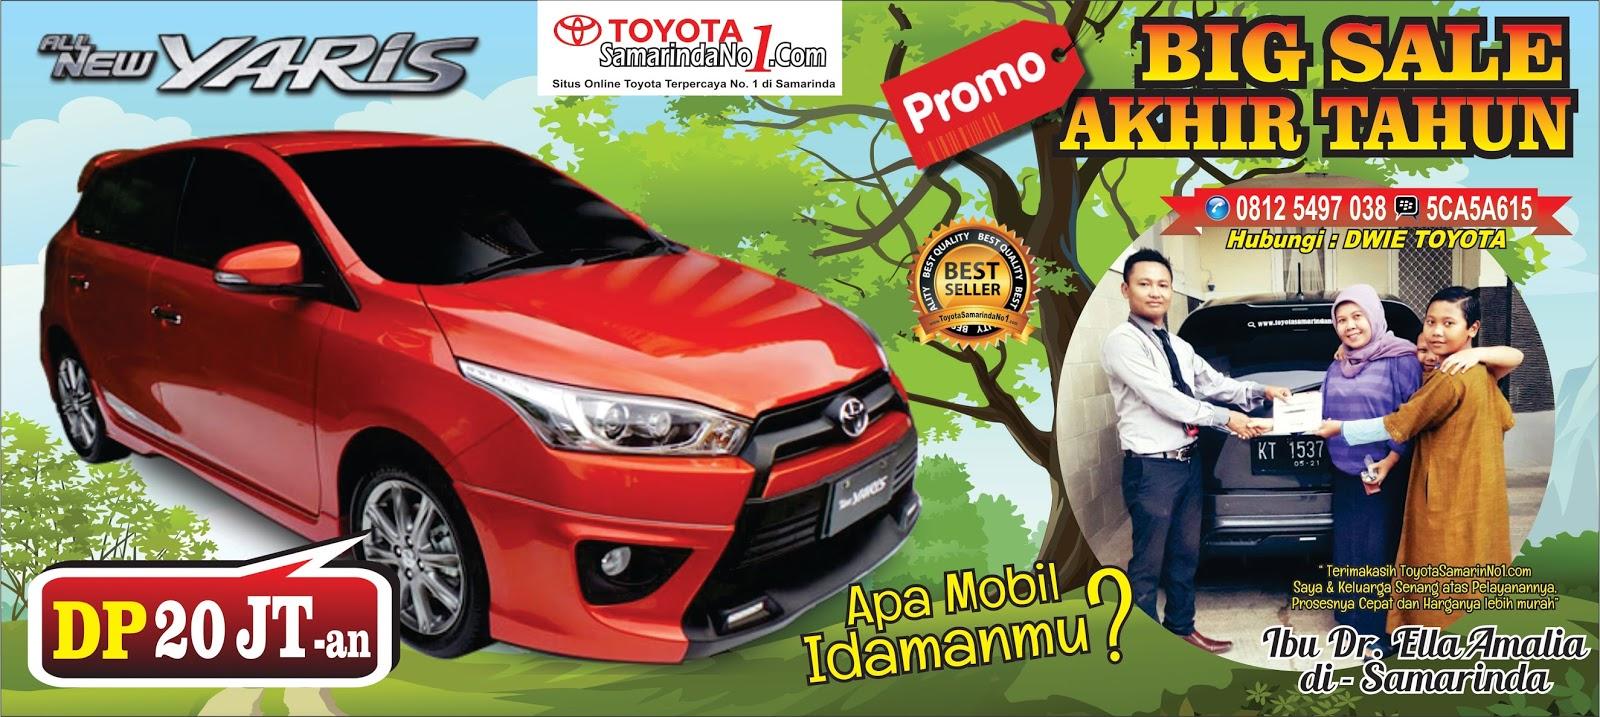 Big Sale Akhir Tahun Promo Toyota Akhir Tahun Promo Mobil Baru Dp